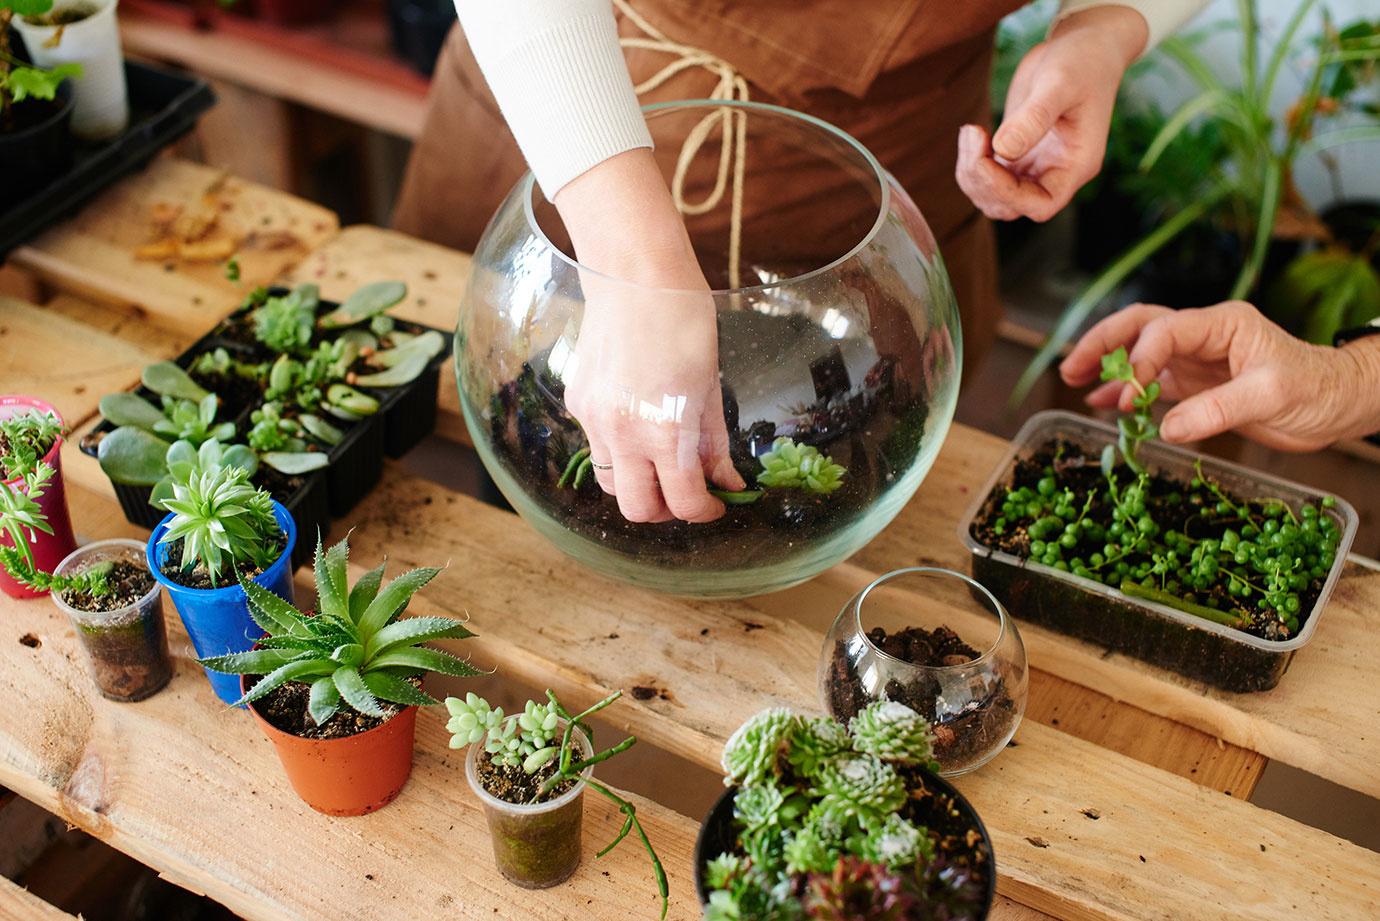 ワンルームでも育てやすいミニ観葉植物8種を特集!小さい植物を育てよう